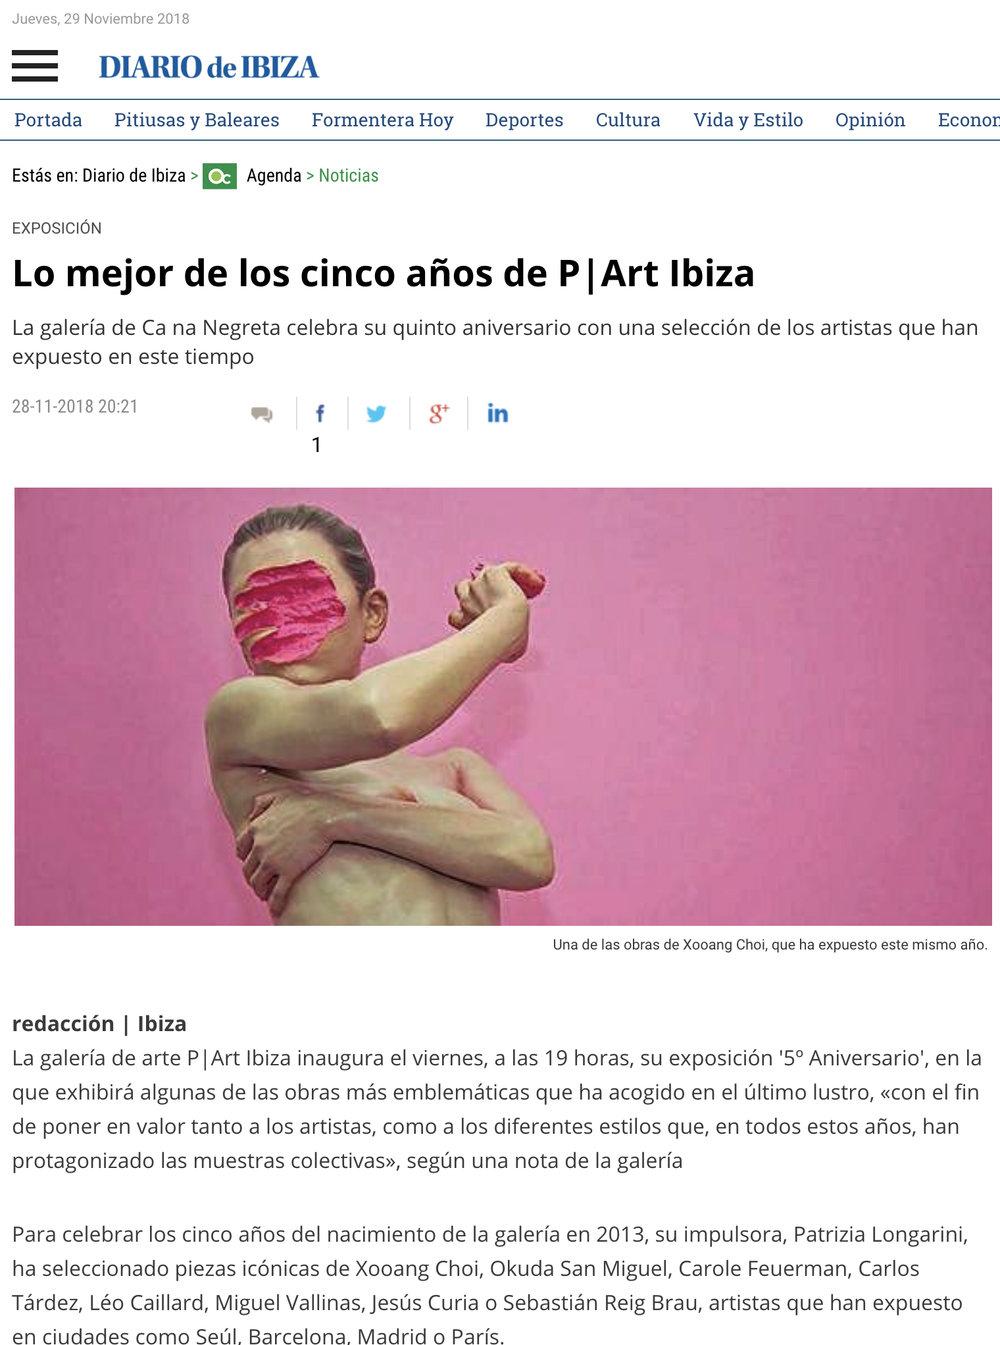 Lo mejor de los cinco años de P|Art Ibiza